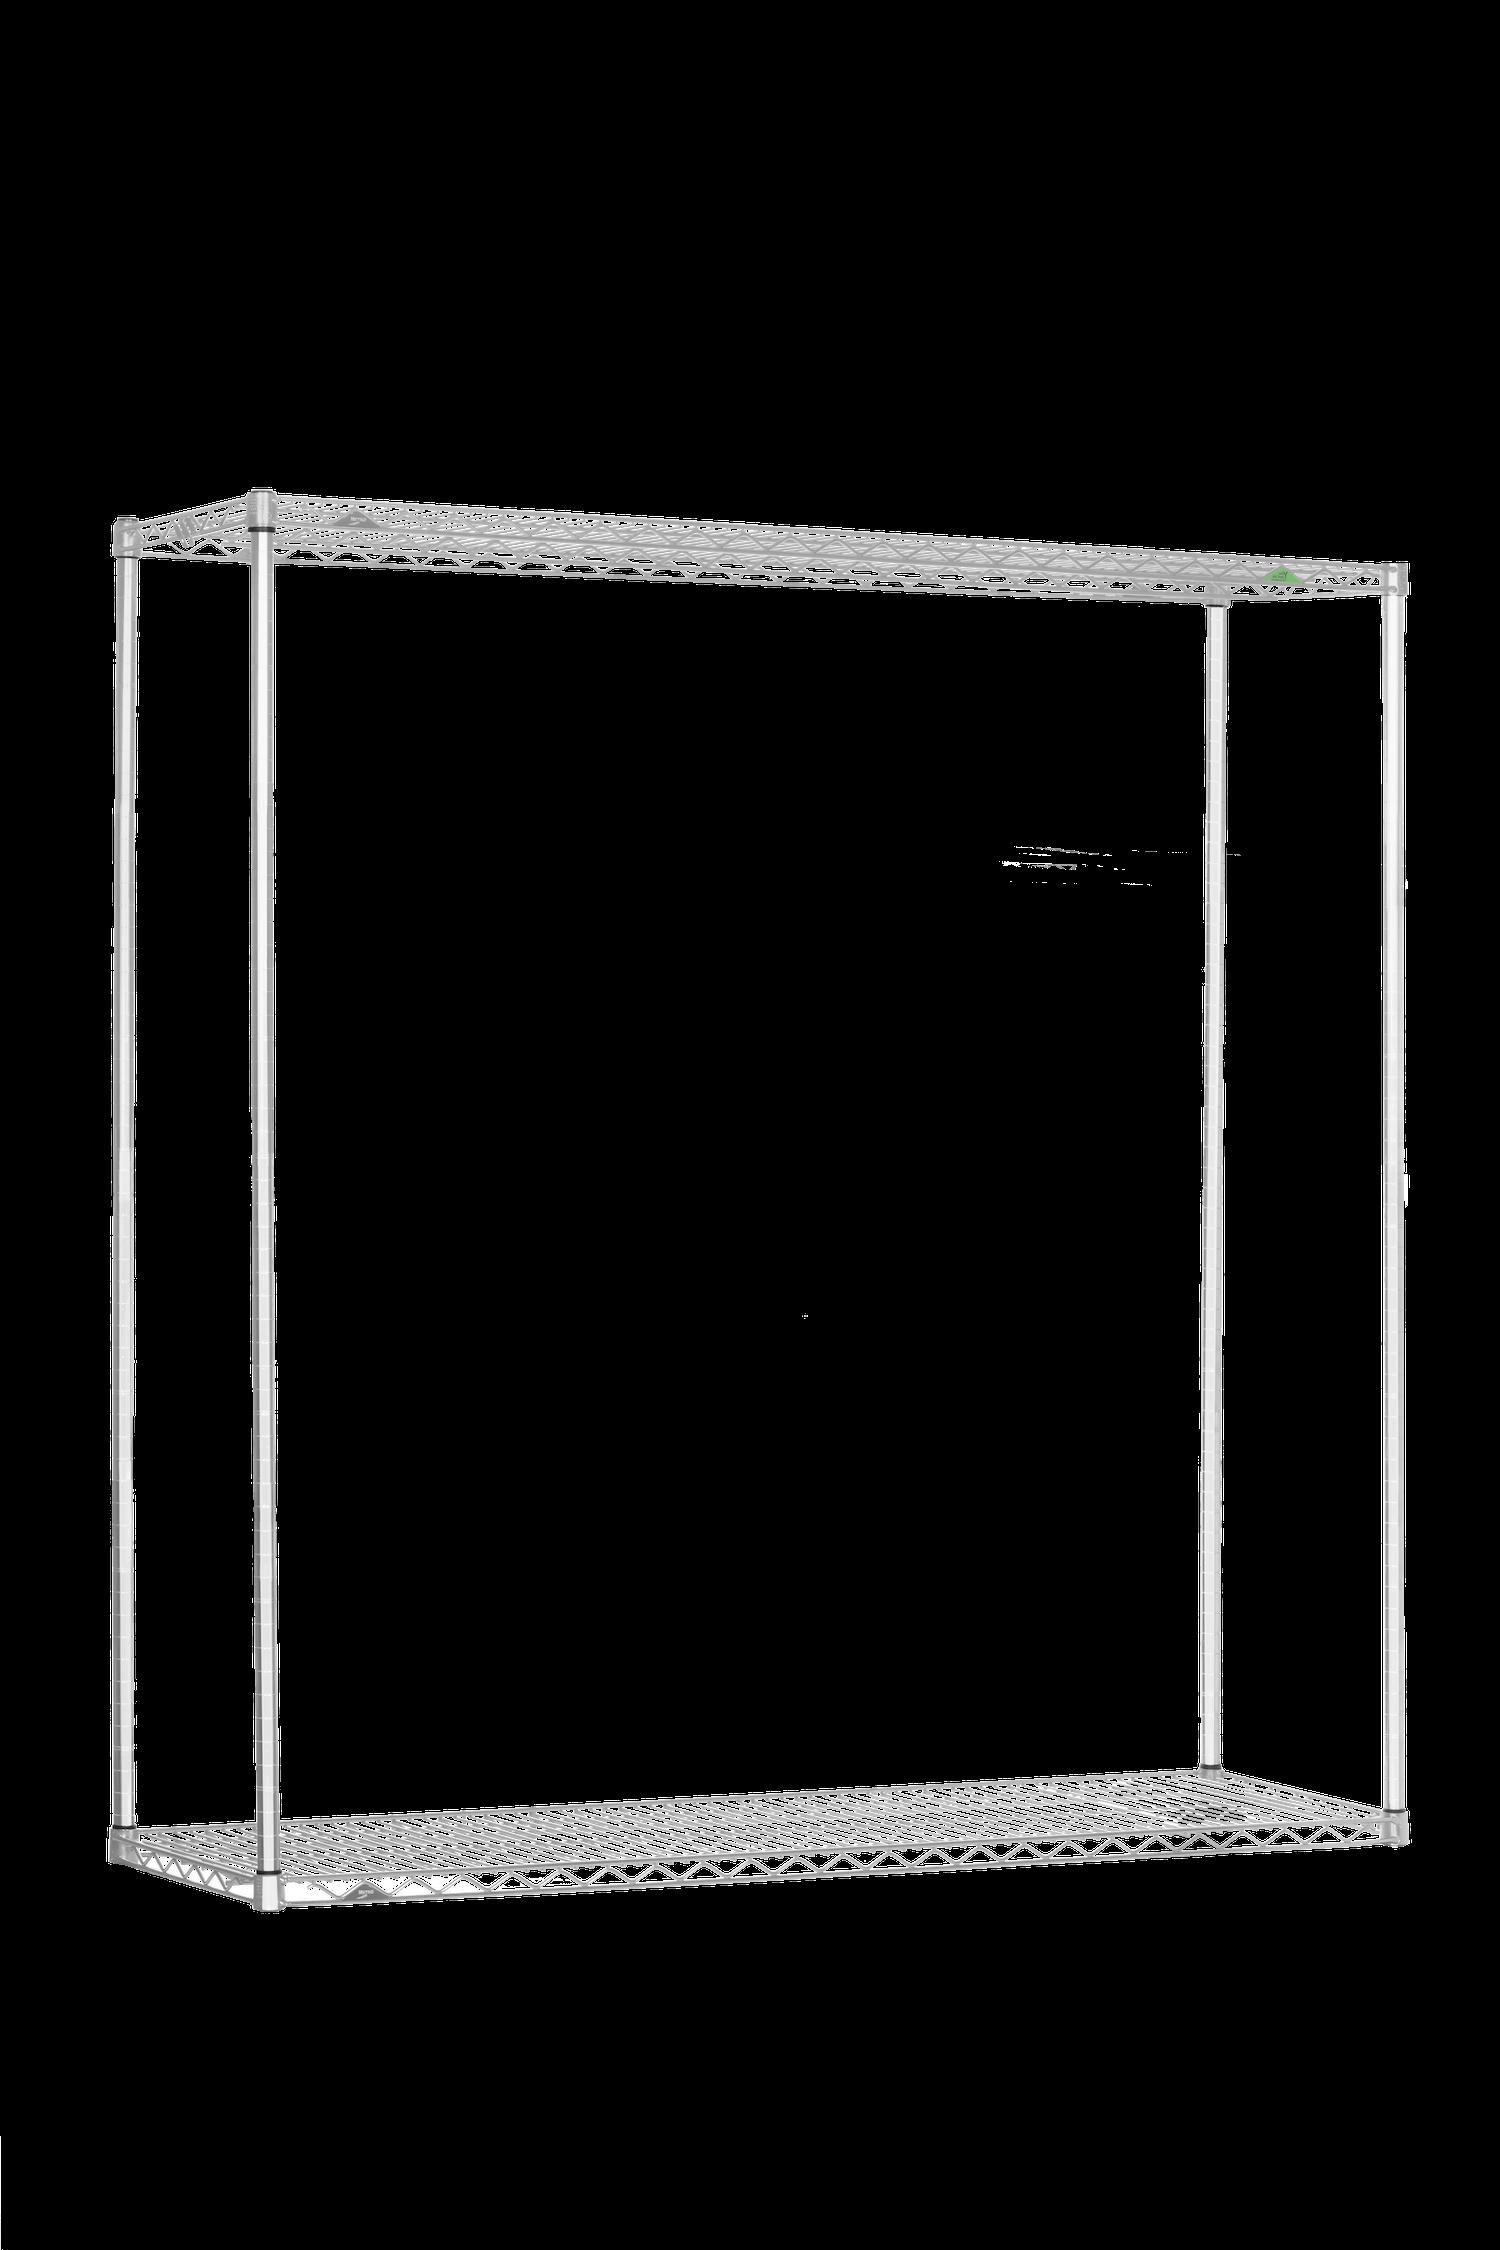 530x760mm, 21x30 inch